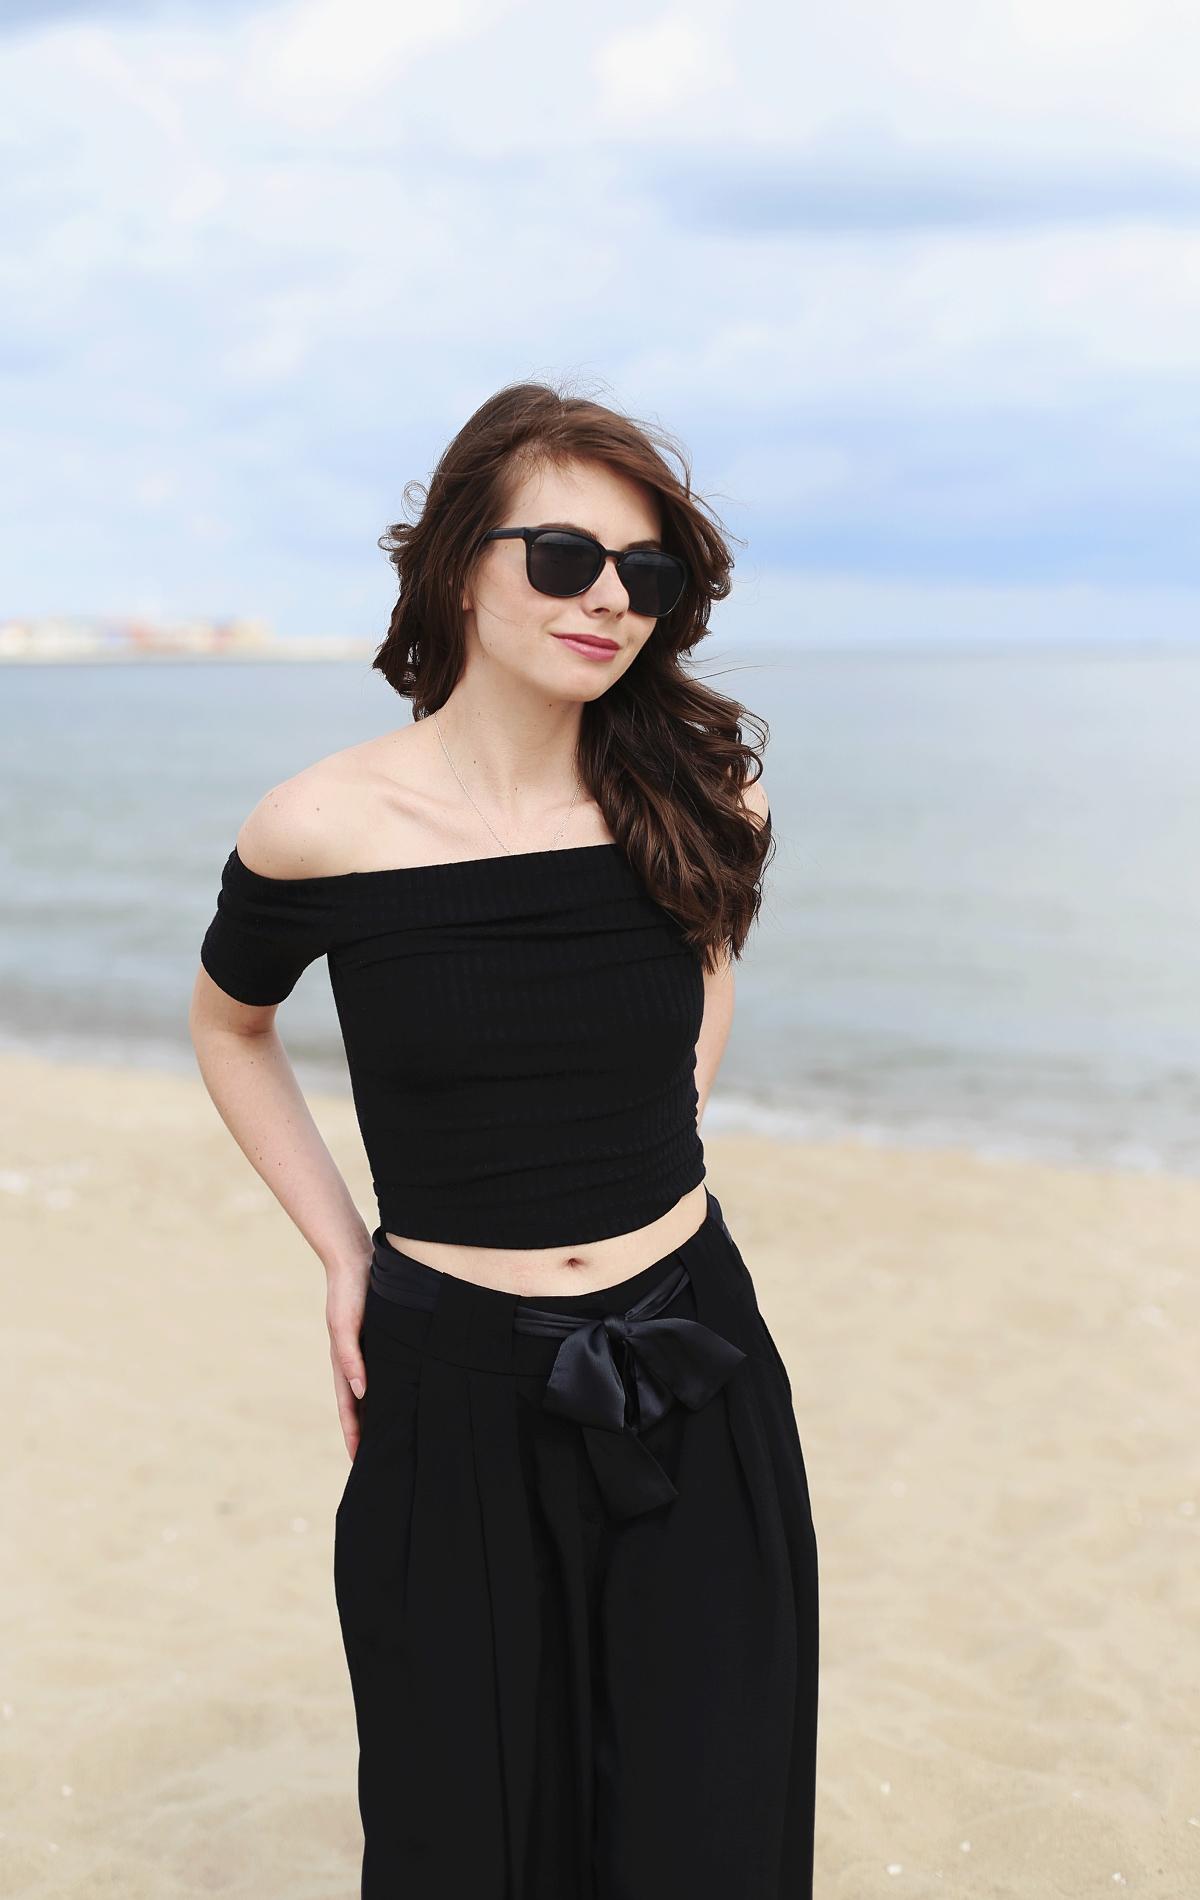 Czarna stylizacja: top z odkrytymi ramionami